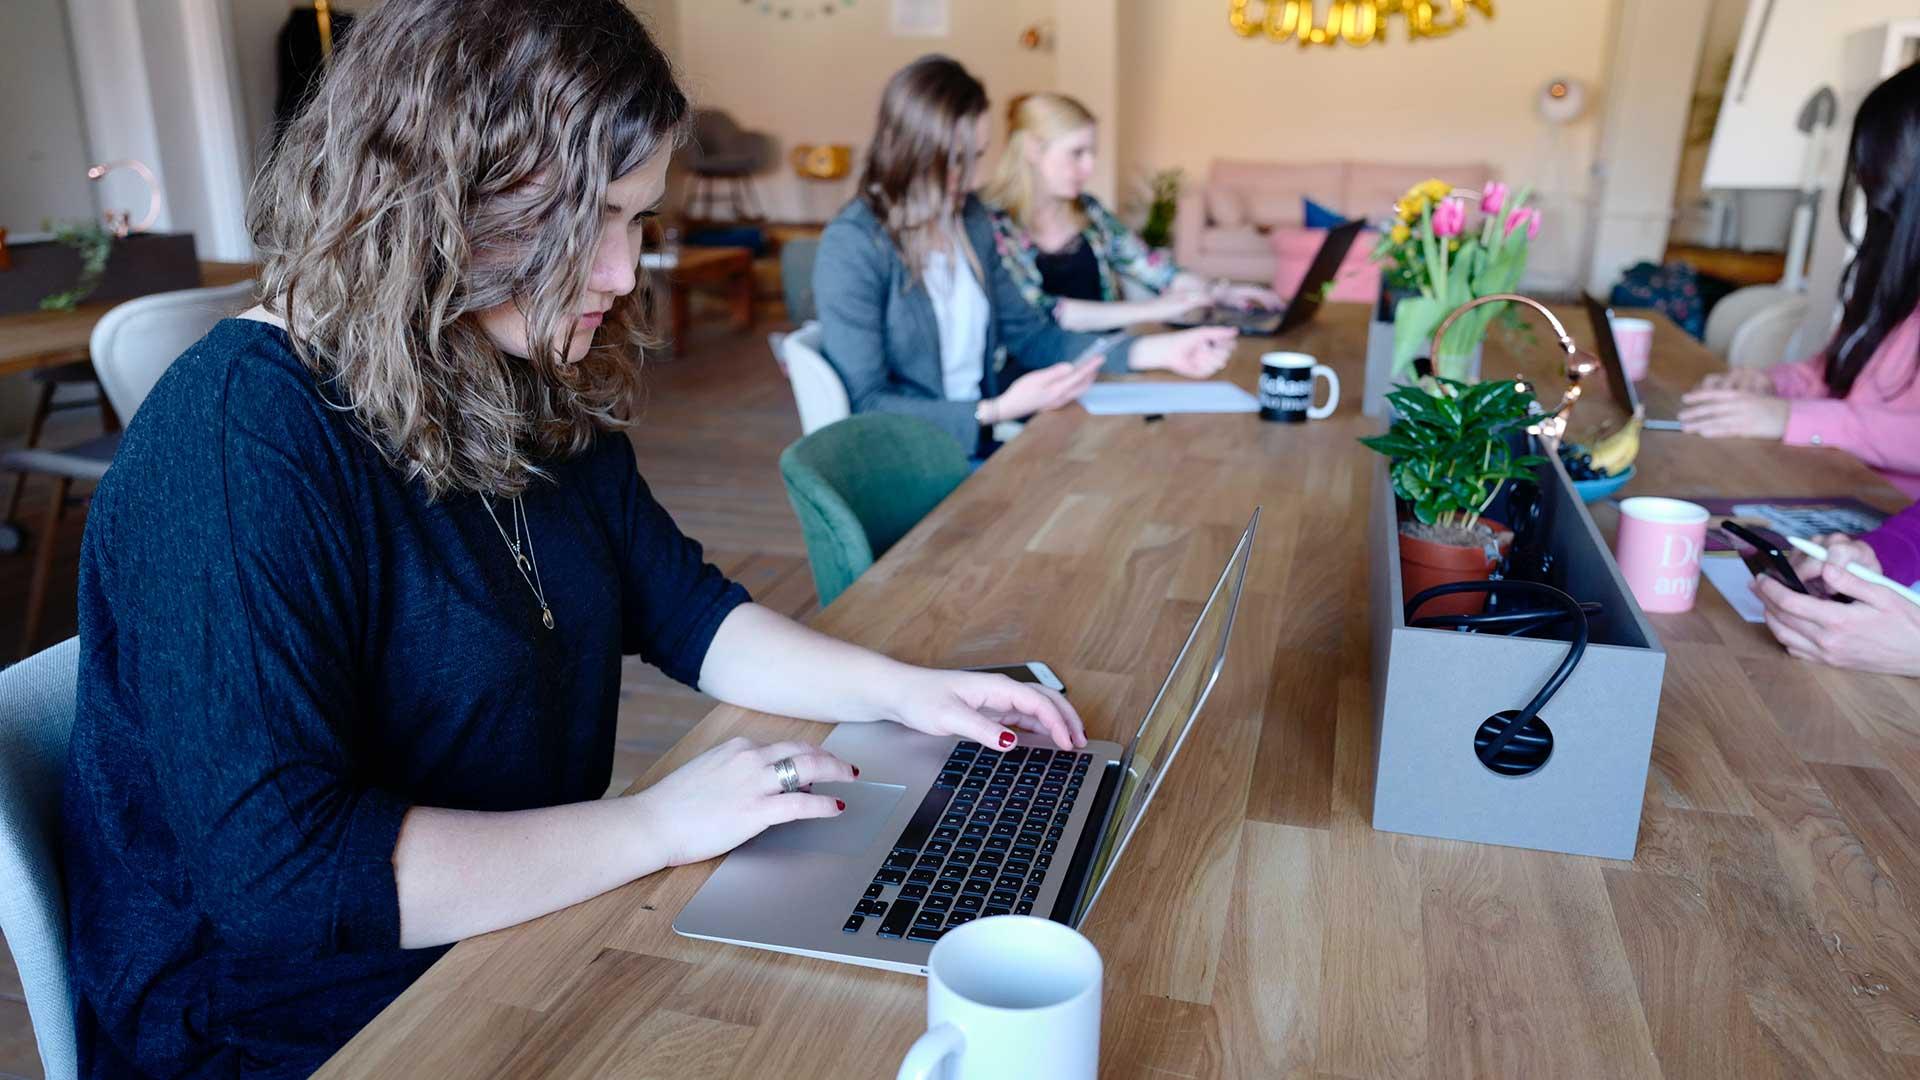 Enriquece tu trabajo a través del co-studying y co-working